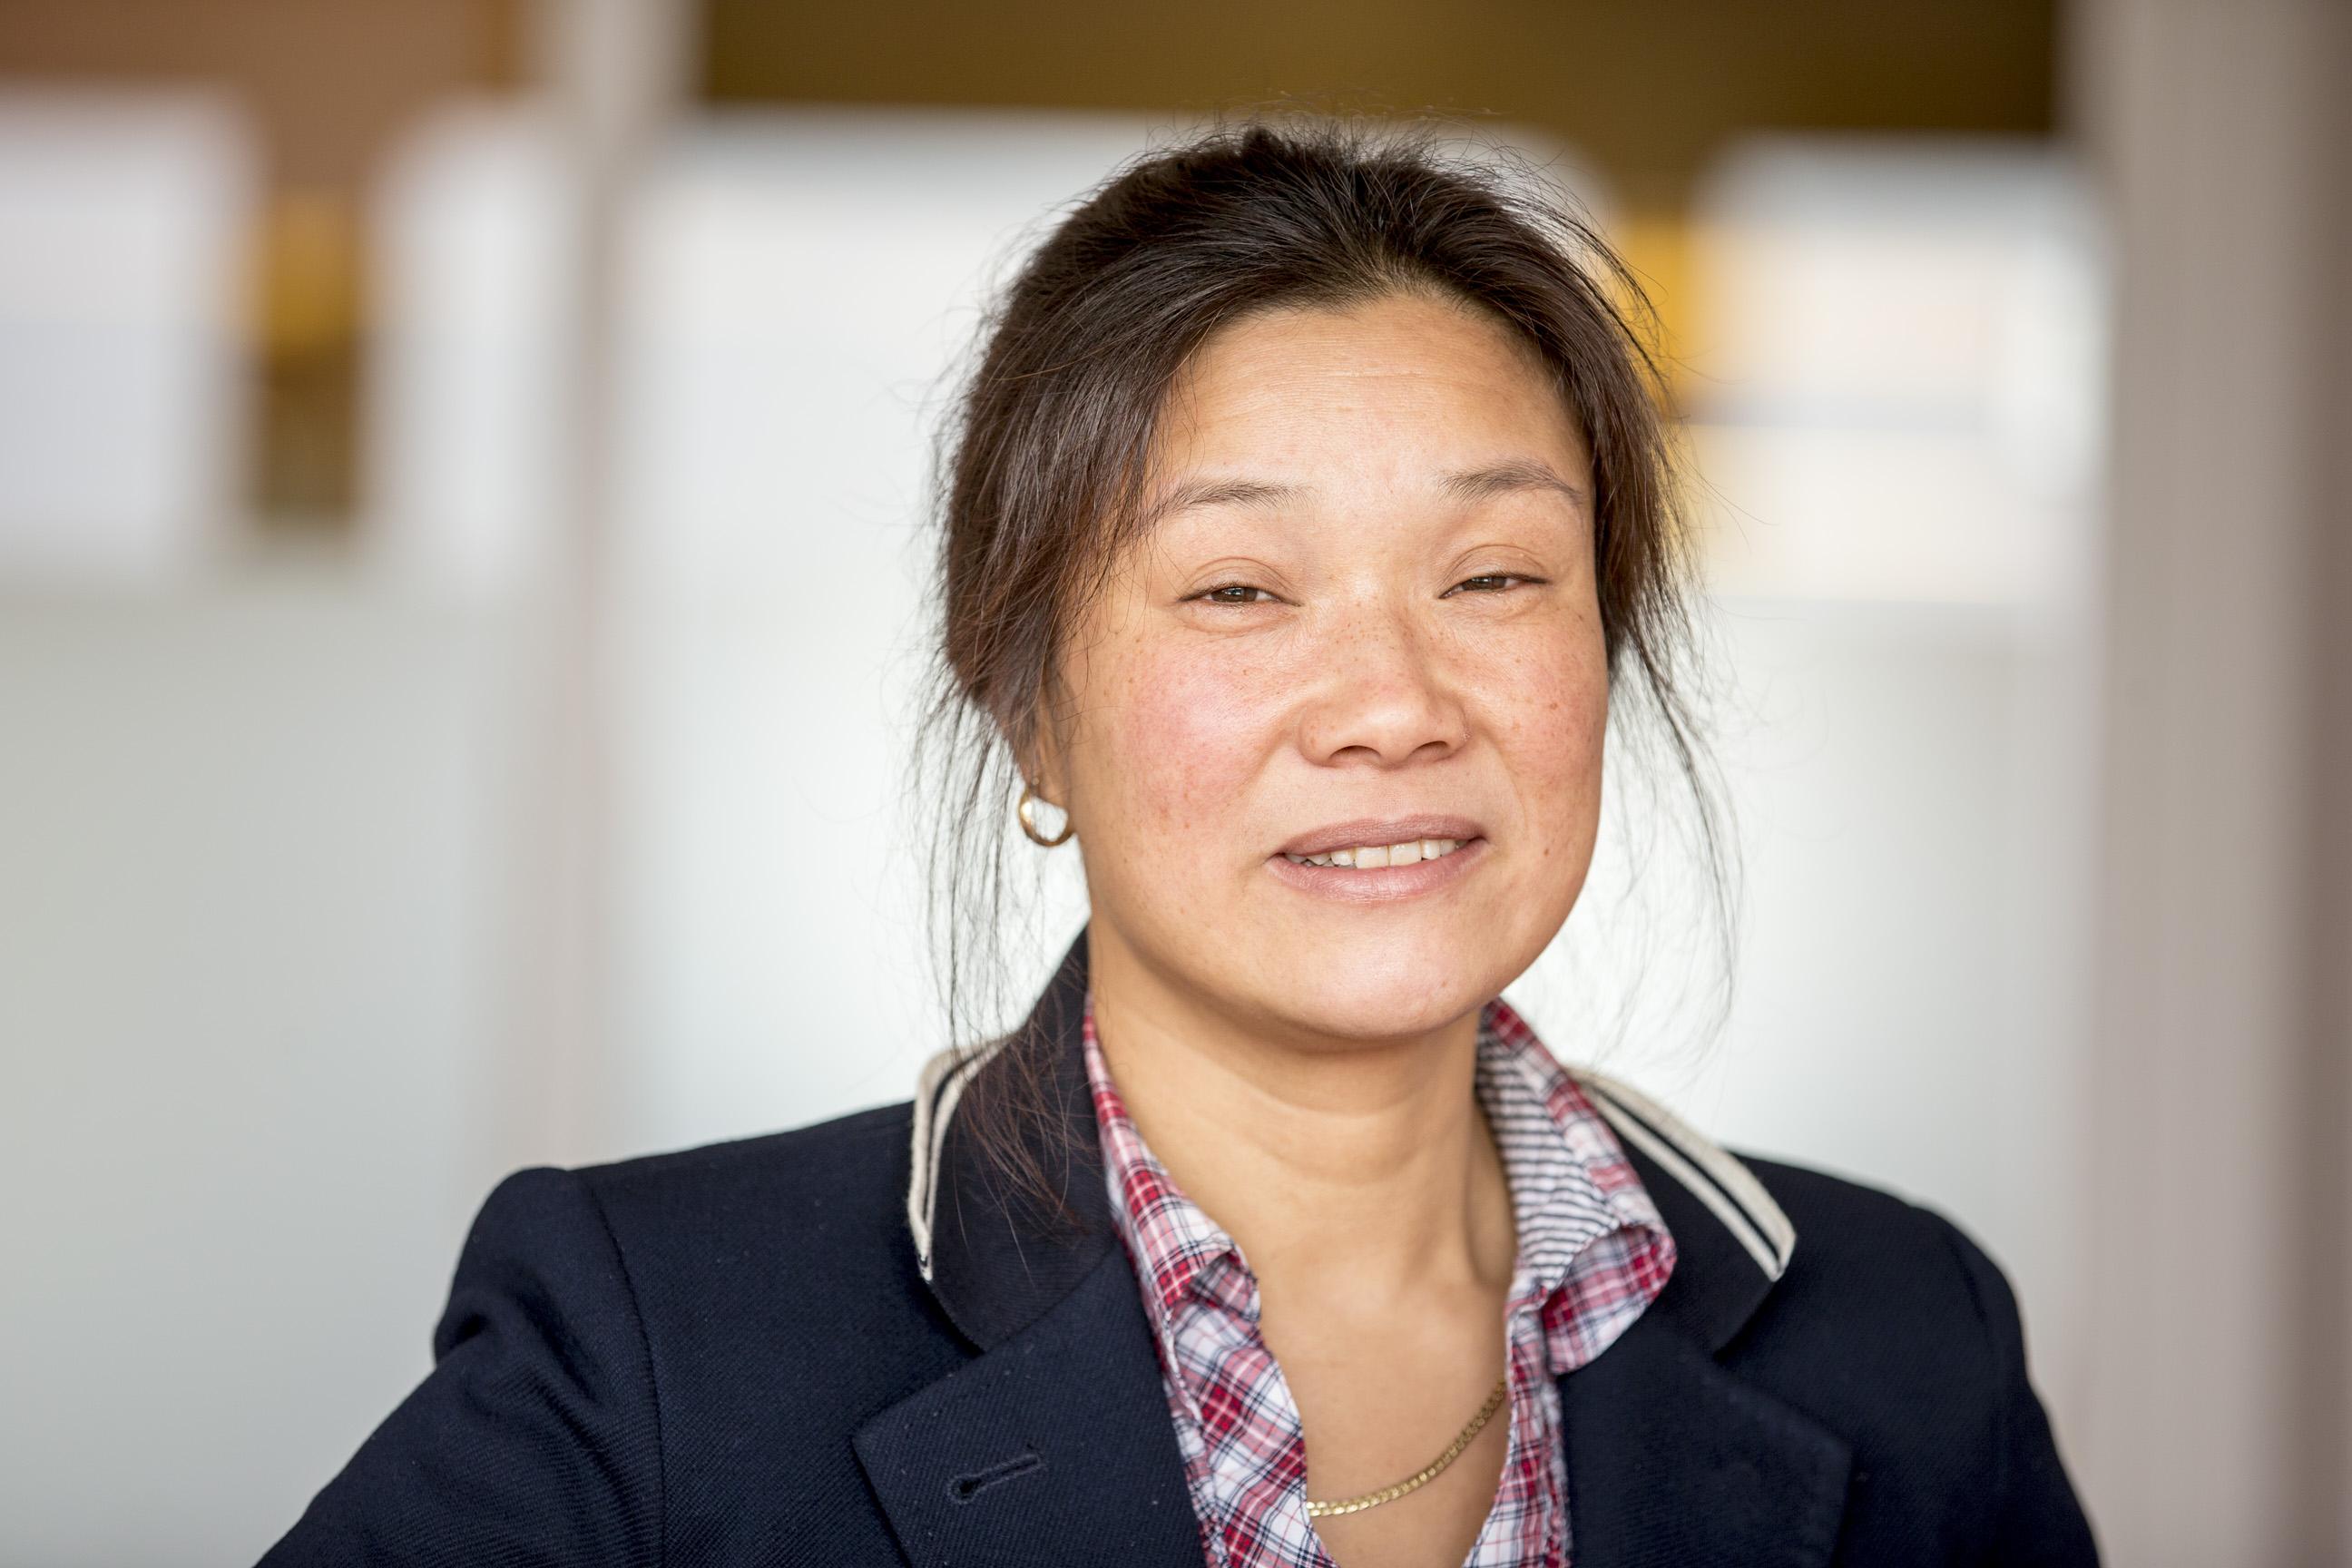 Marjolein Dijkstra benoemd tot KNAW-lid - Nieuws - Universiteit Utrecht